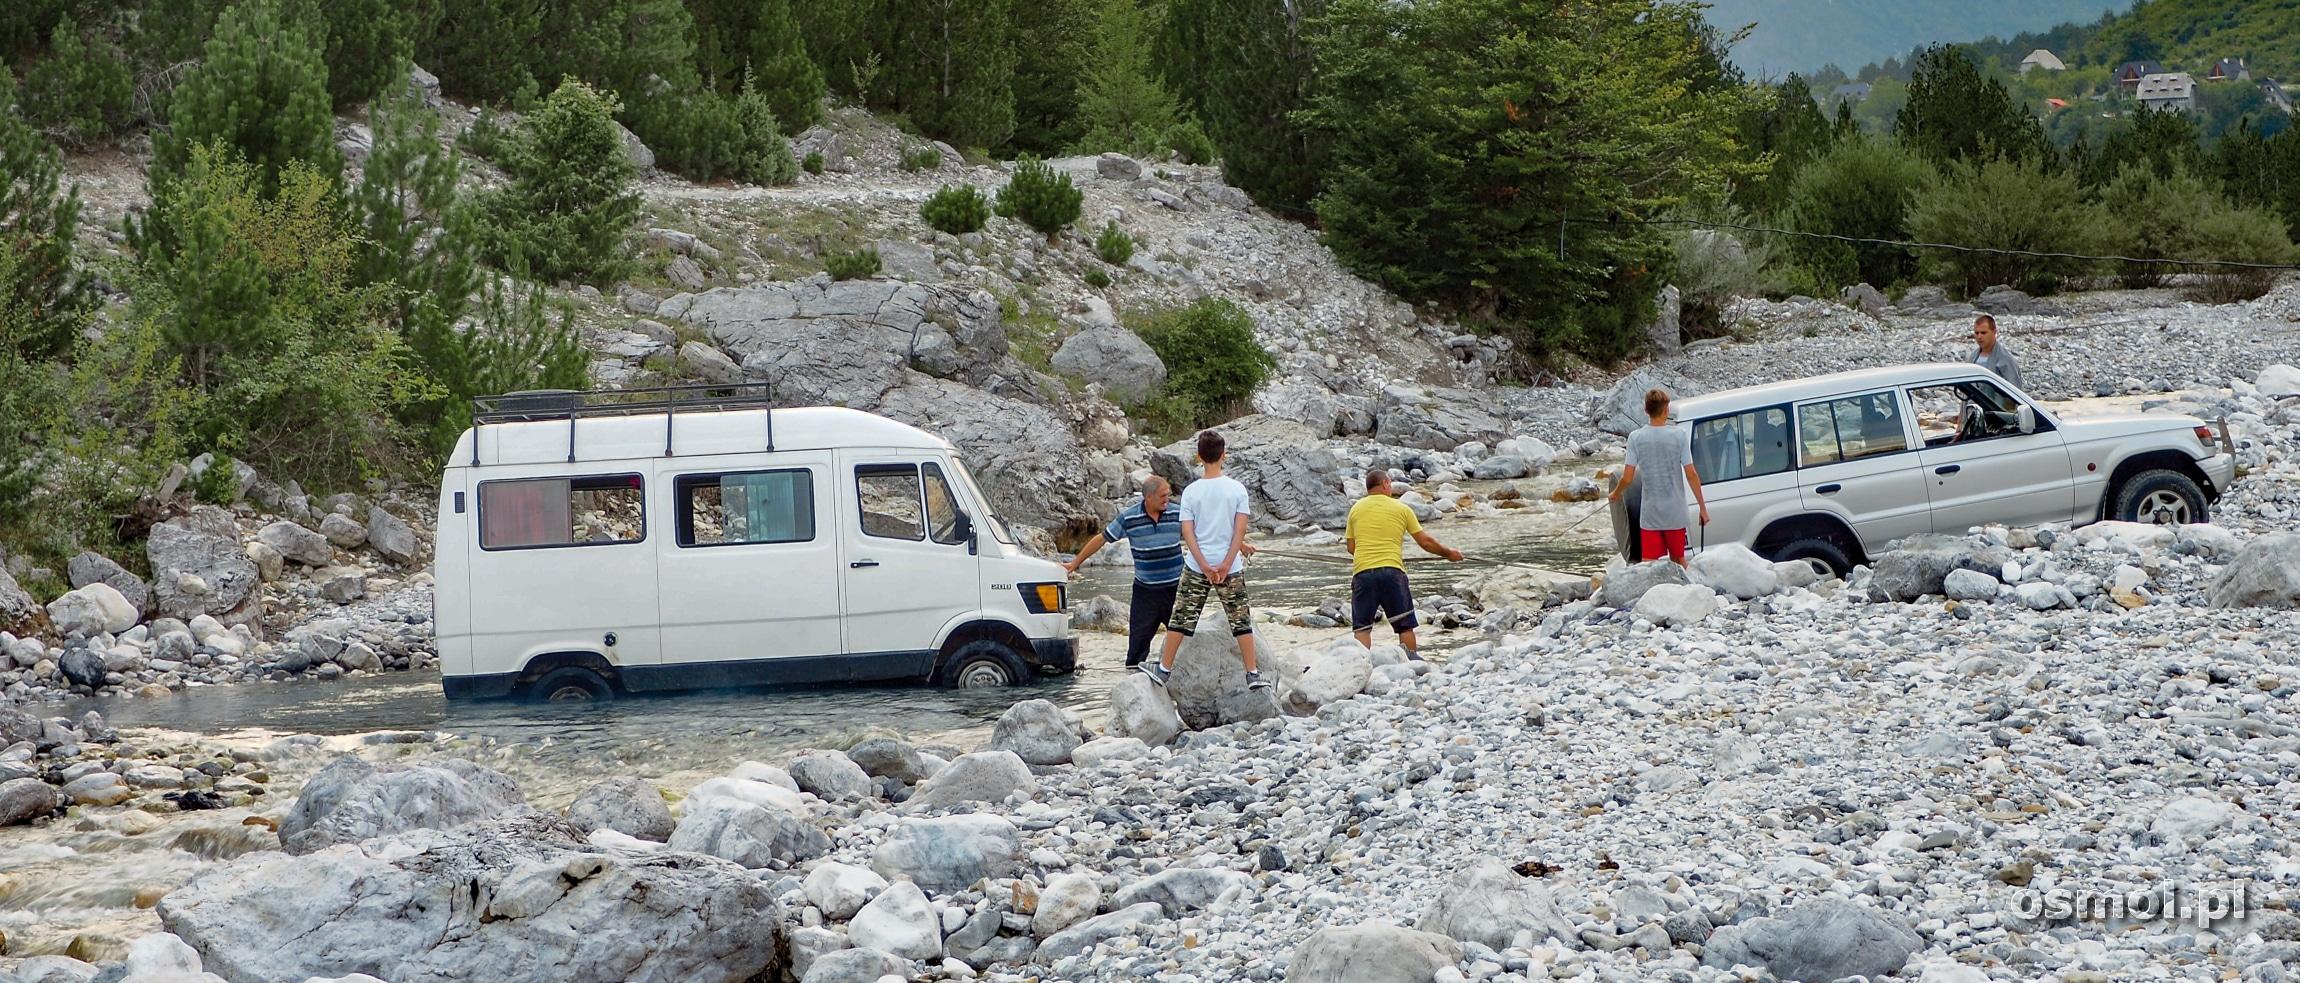 Samochod w rzece Thethi